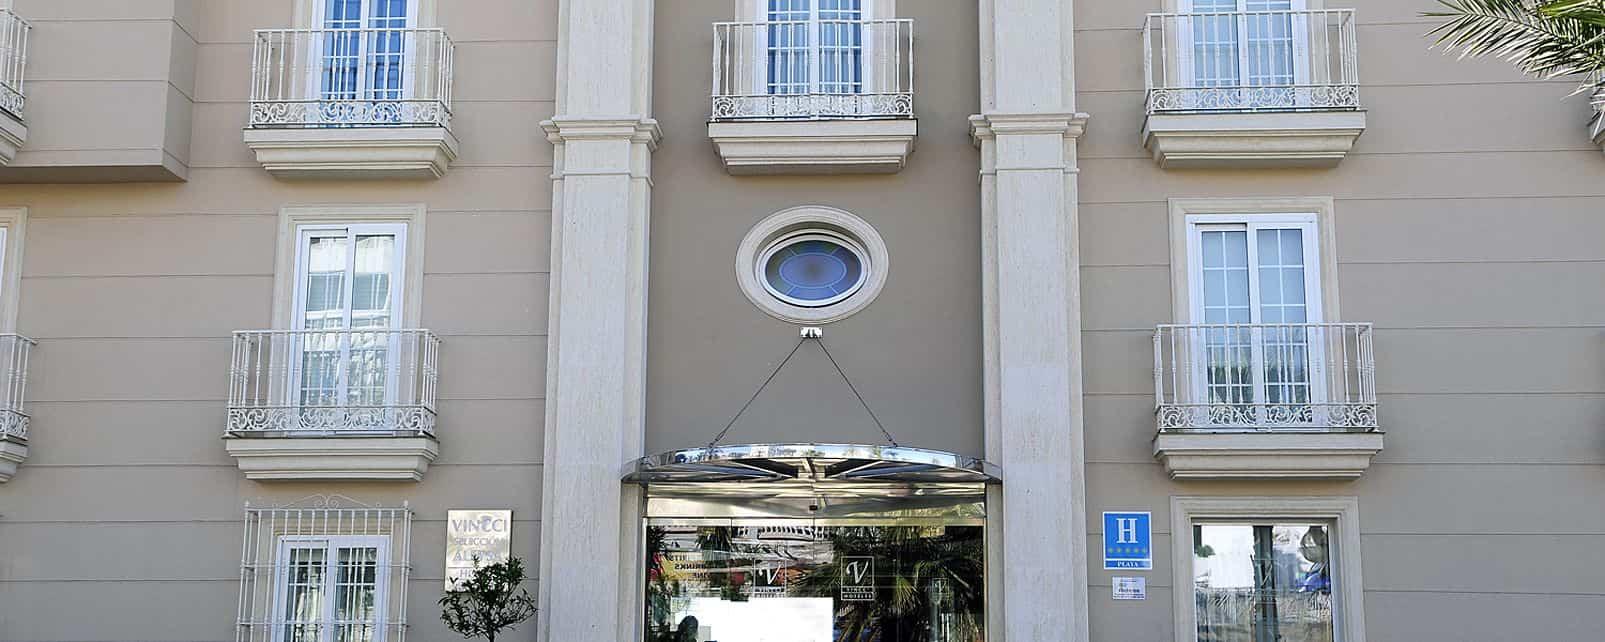 Hotel vincci Aleysa Boutique